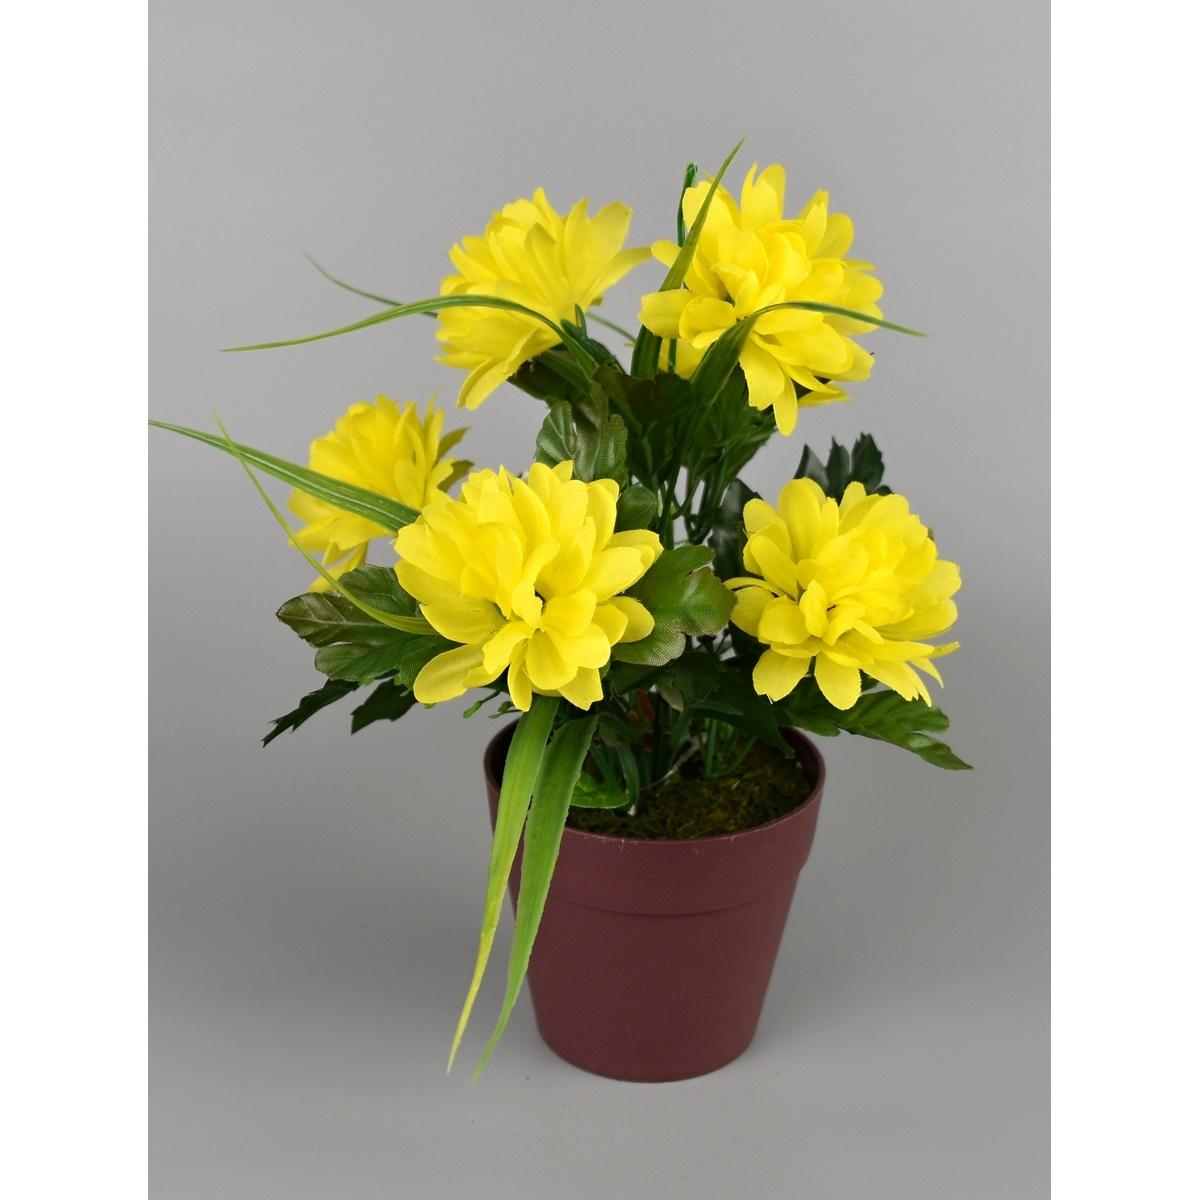 Umělá květina Chrysantéma v květináči 22 x 15 cm, žlutá